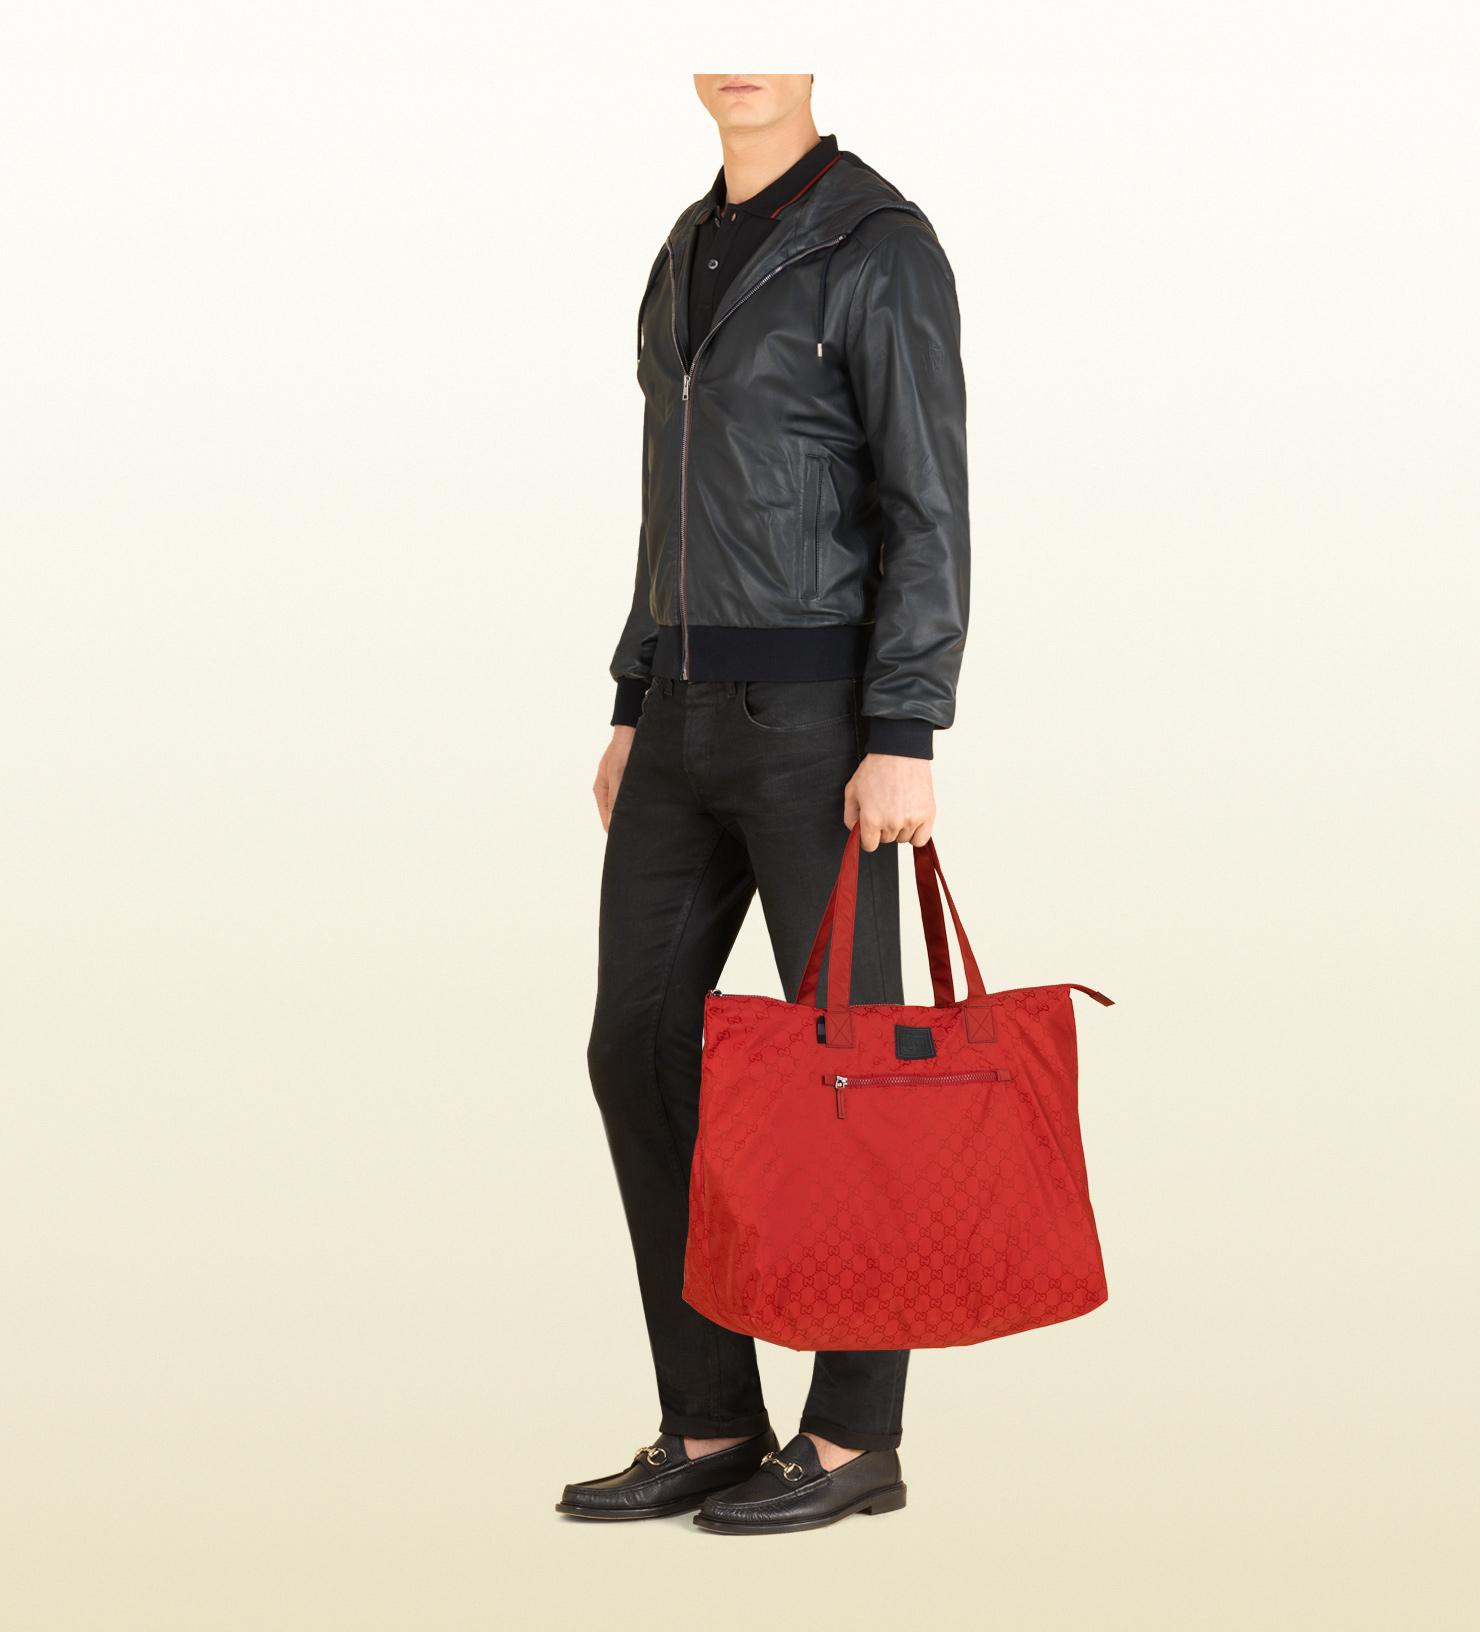 8e85e31e16a1 Lyst - Gucci Gg Nylon Duffel Bag From Viaggio Collection in Red for Men